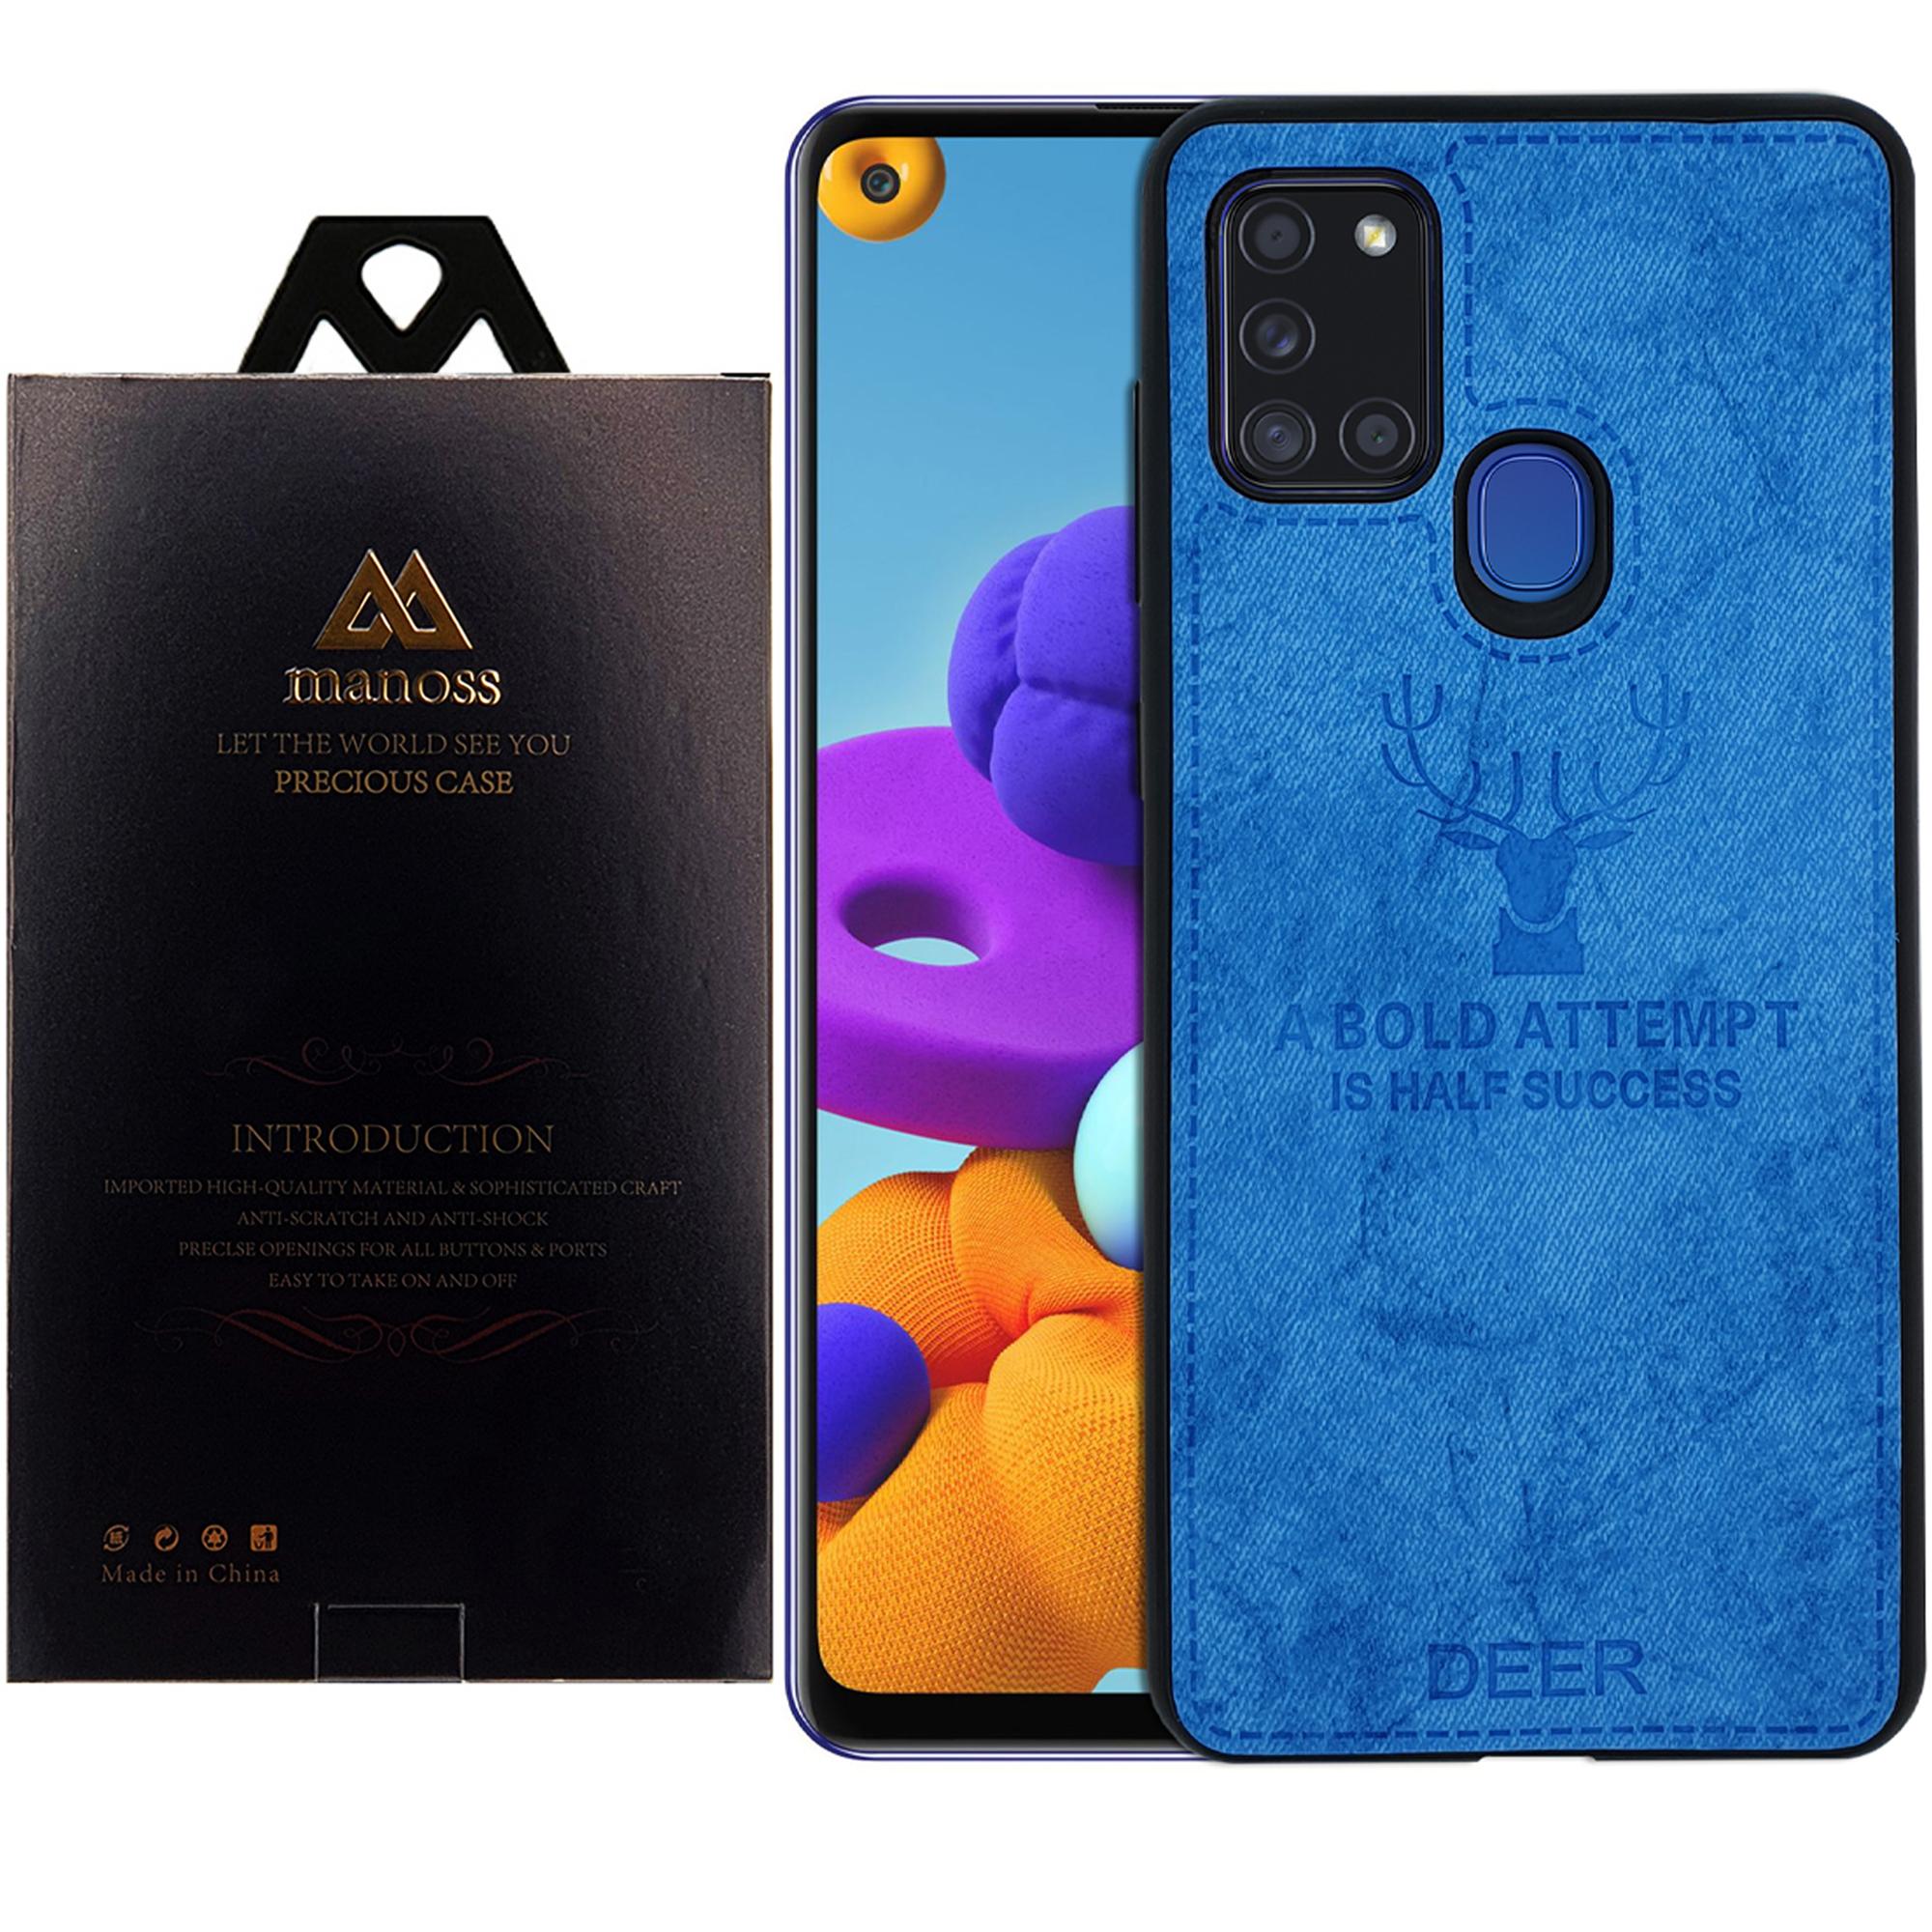 کاور مانوس مدل CASUAL مناسب برای گوشی موبایل سامسونگ Galaxy A21S                     غیر اصل